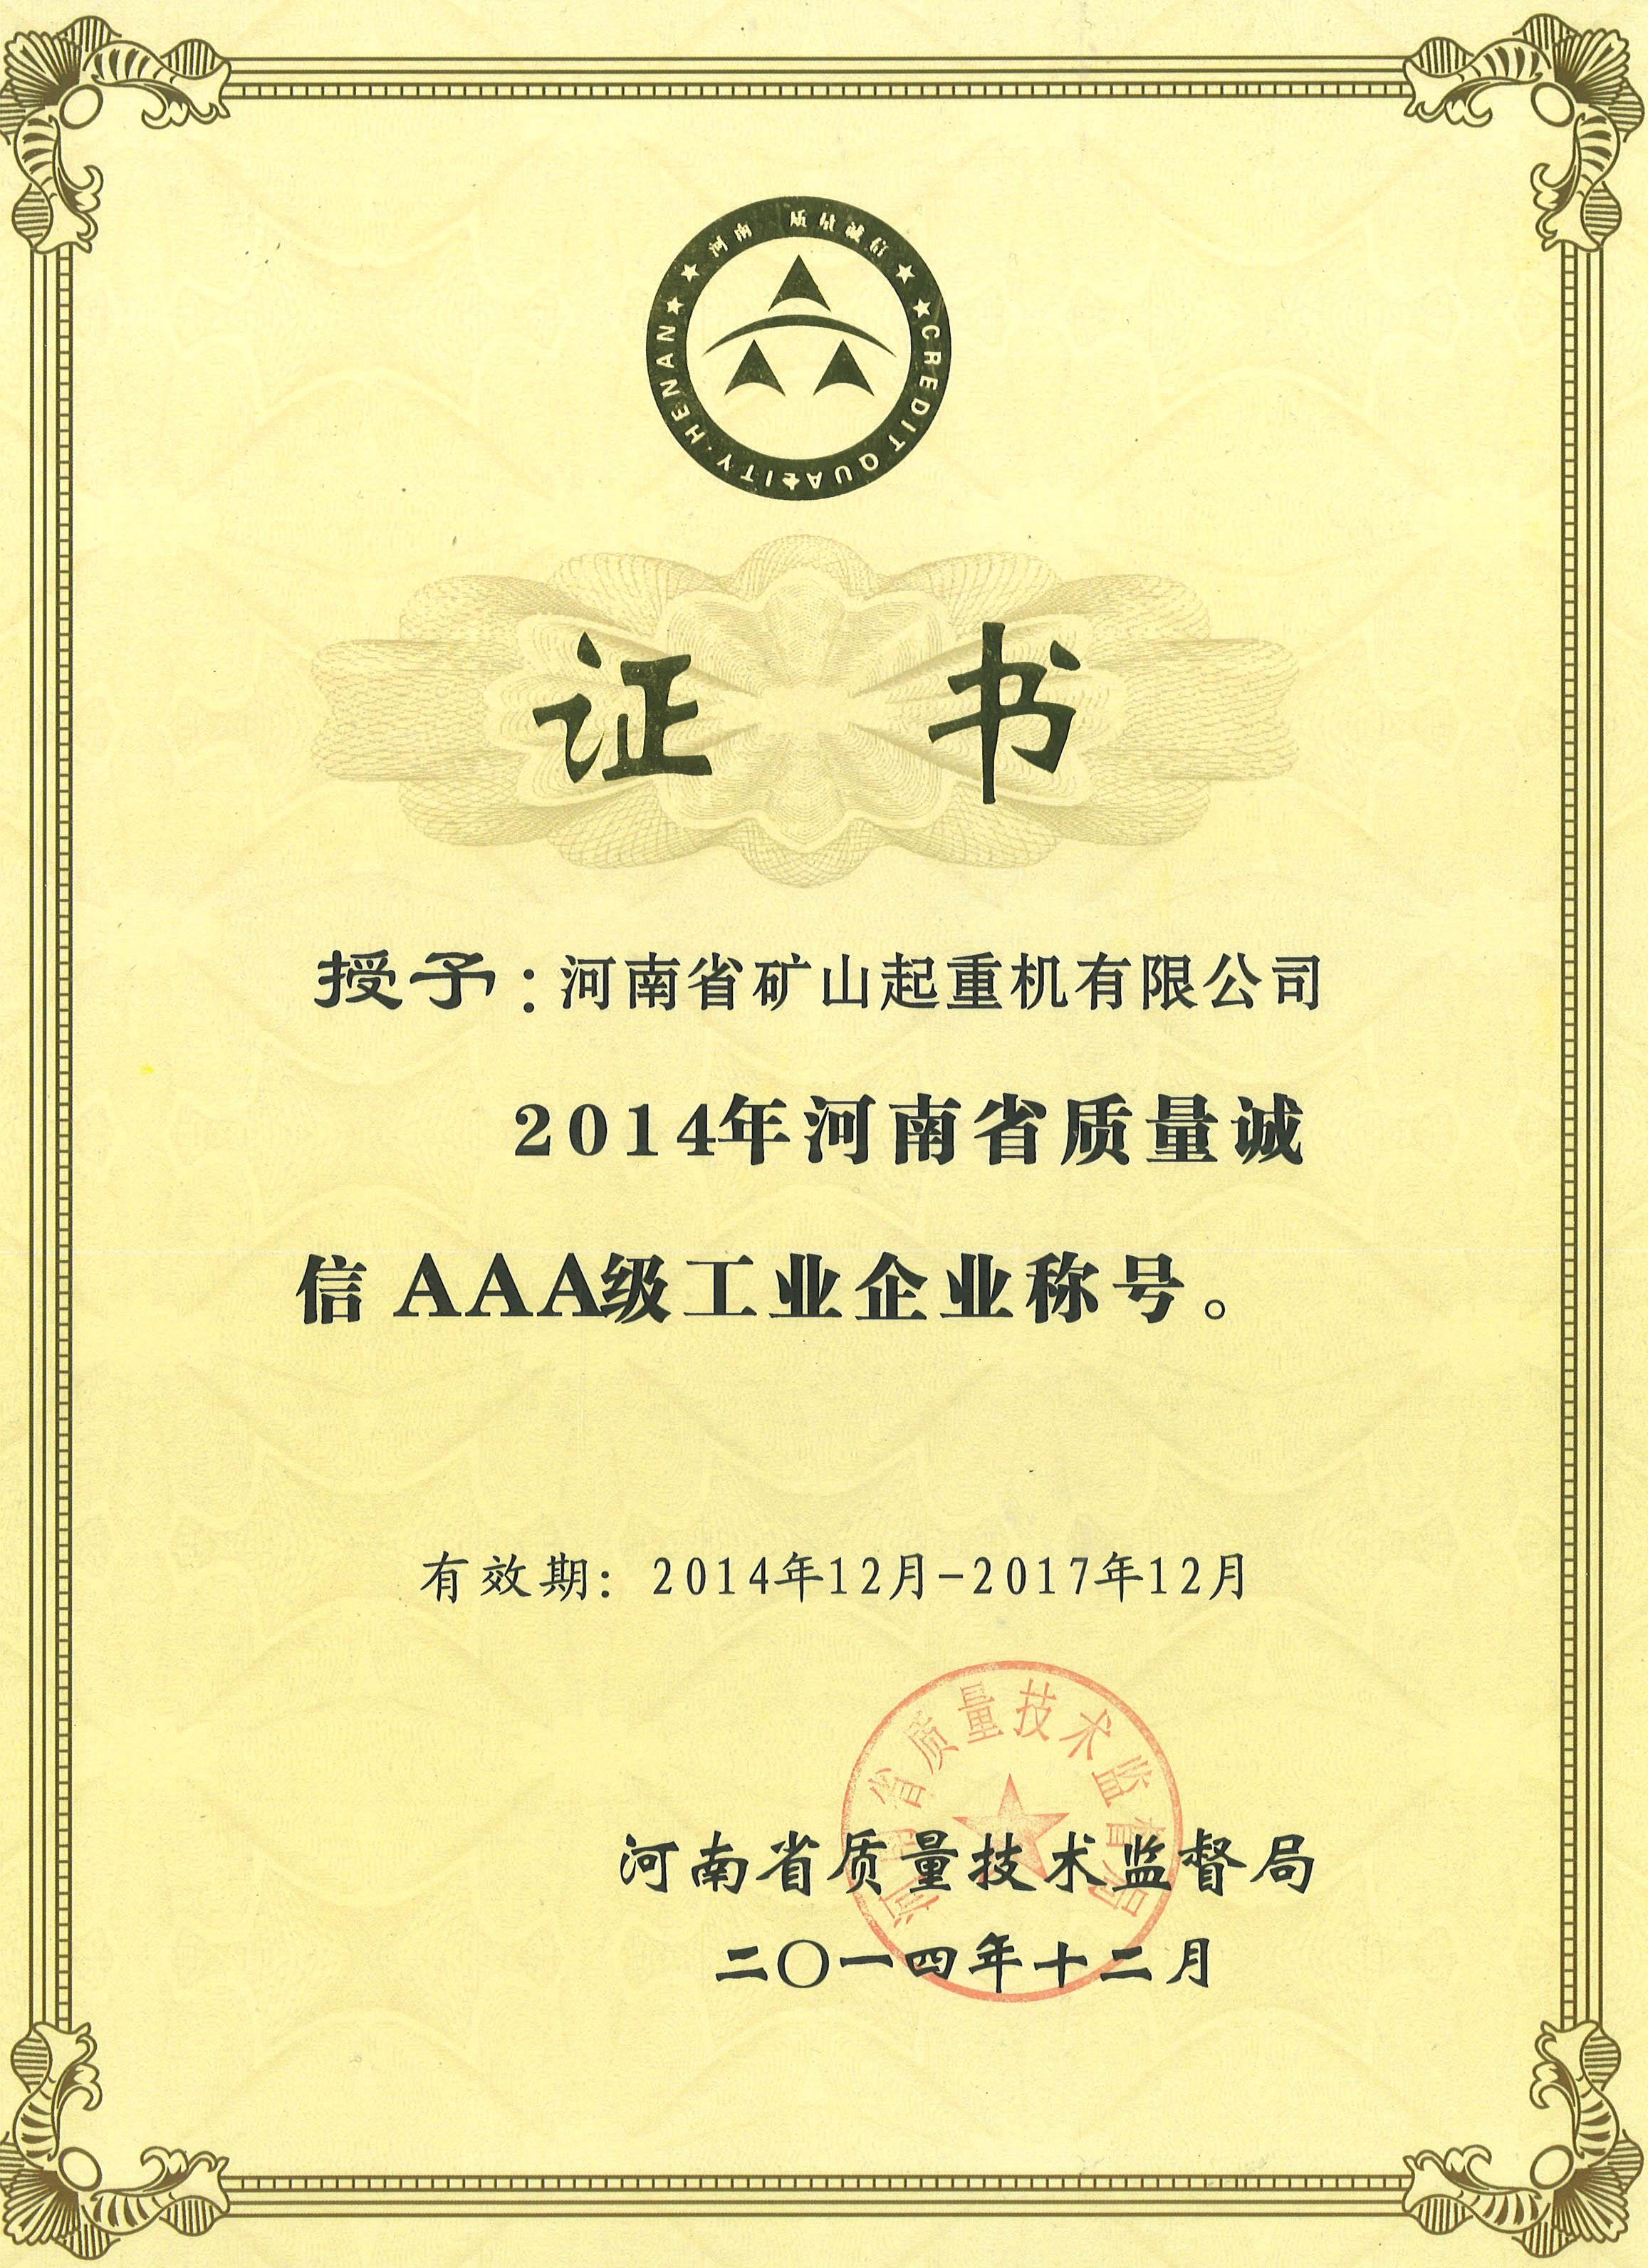 河南省质量诚信AAA企业